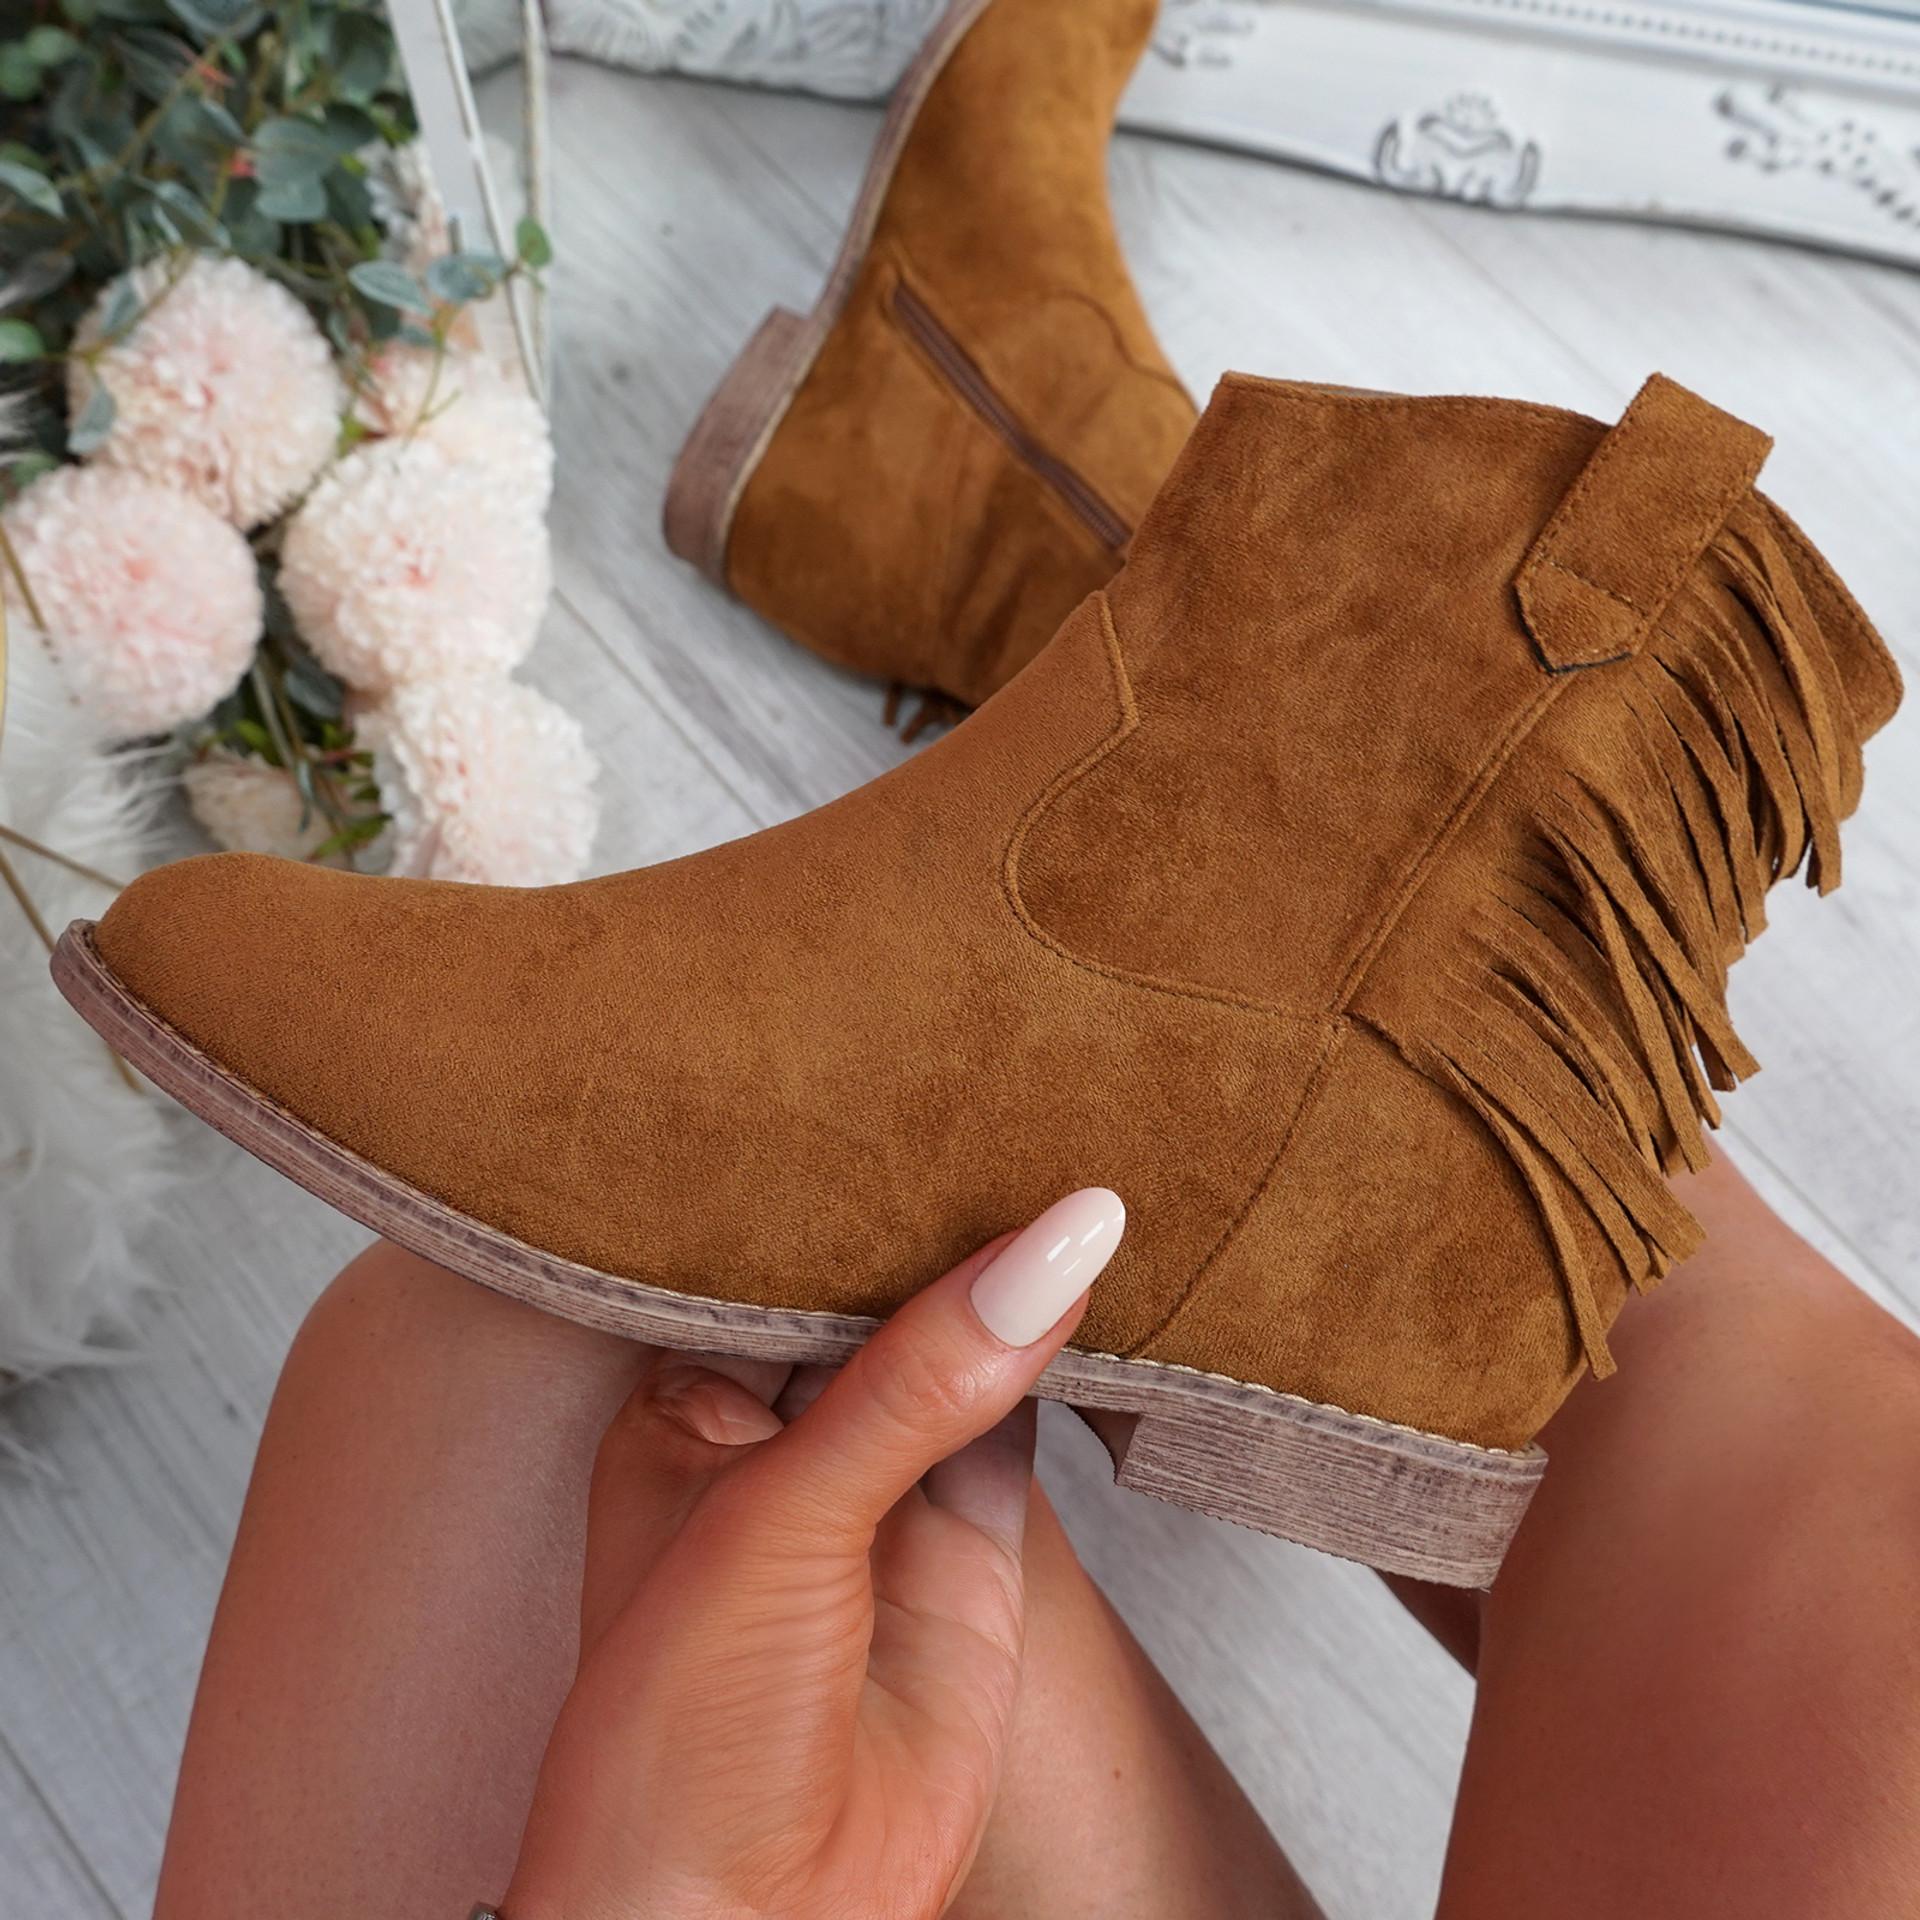 Nessya Camel Fringe Ankle Boots